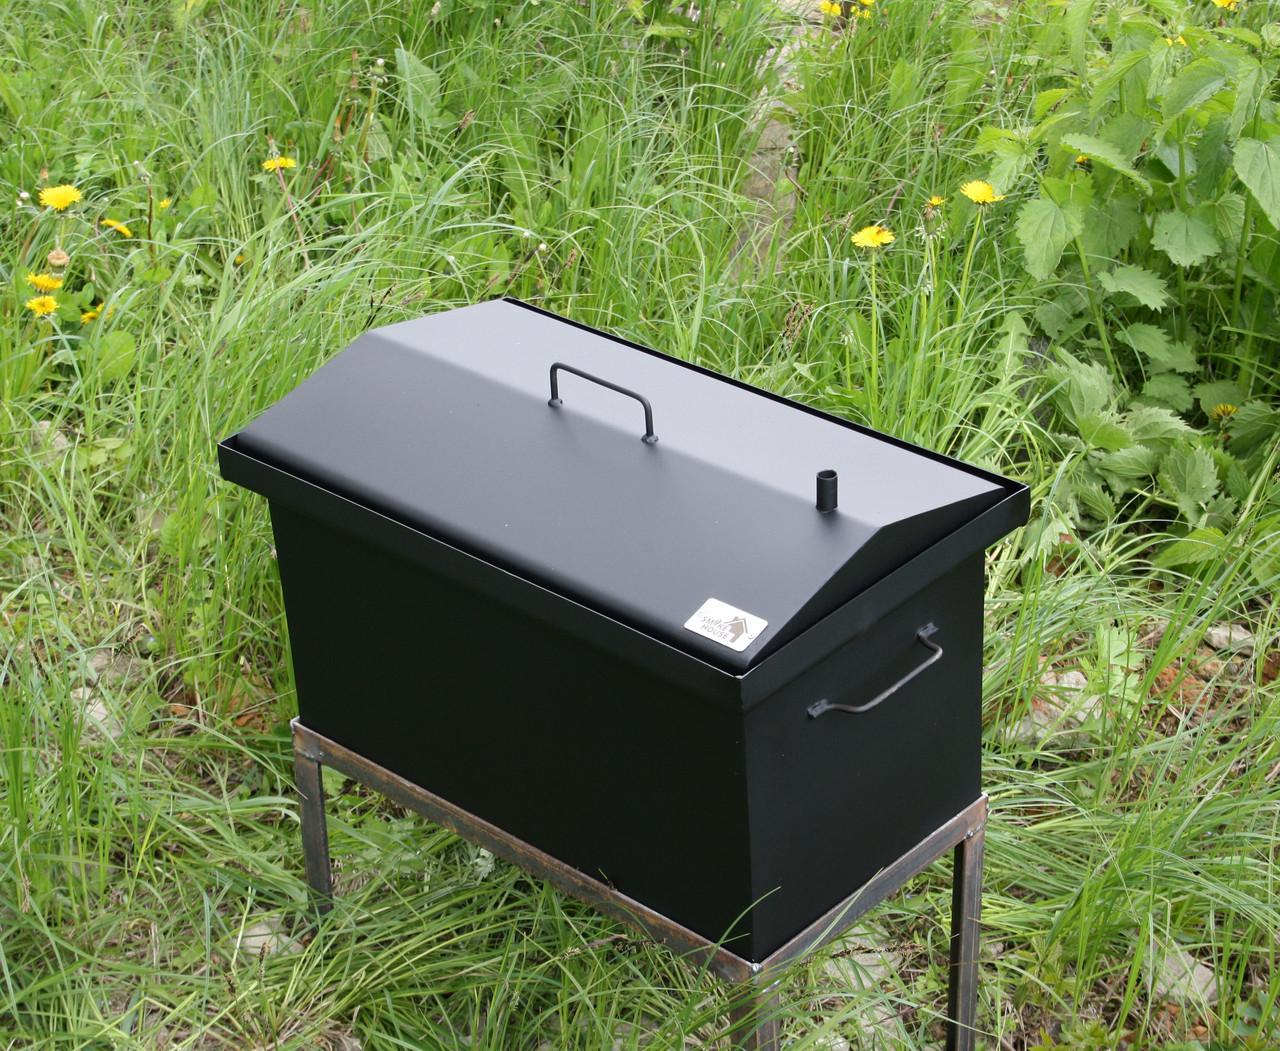 Коптильня горячего копчения купить фото купить самогонный аппарат в украине на олх